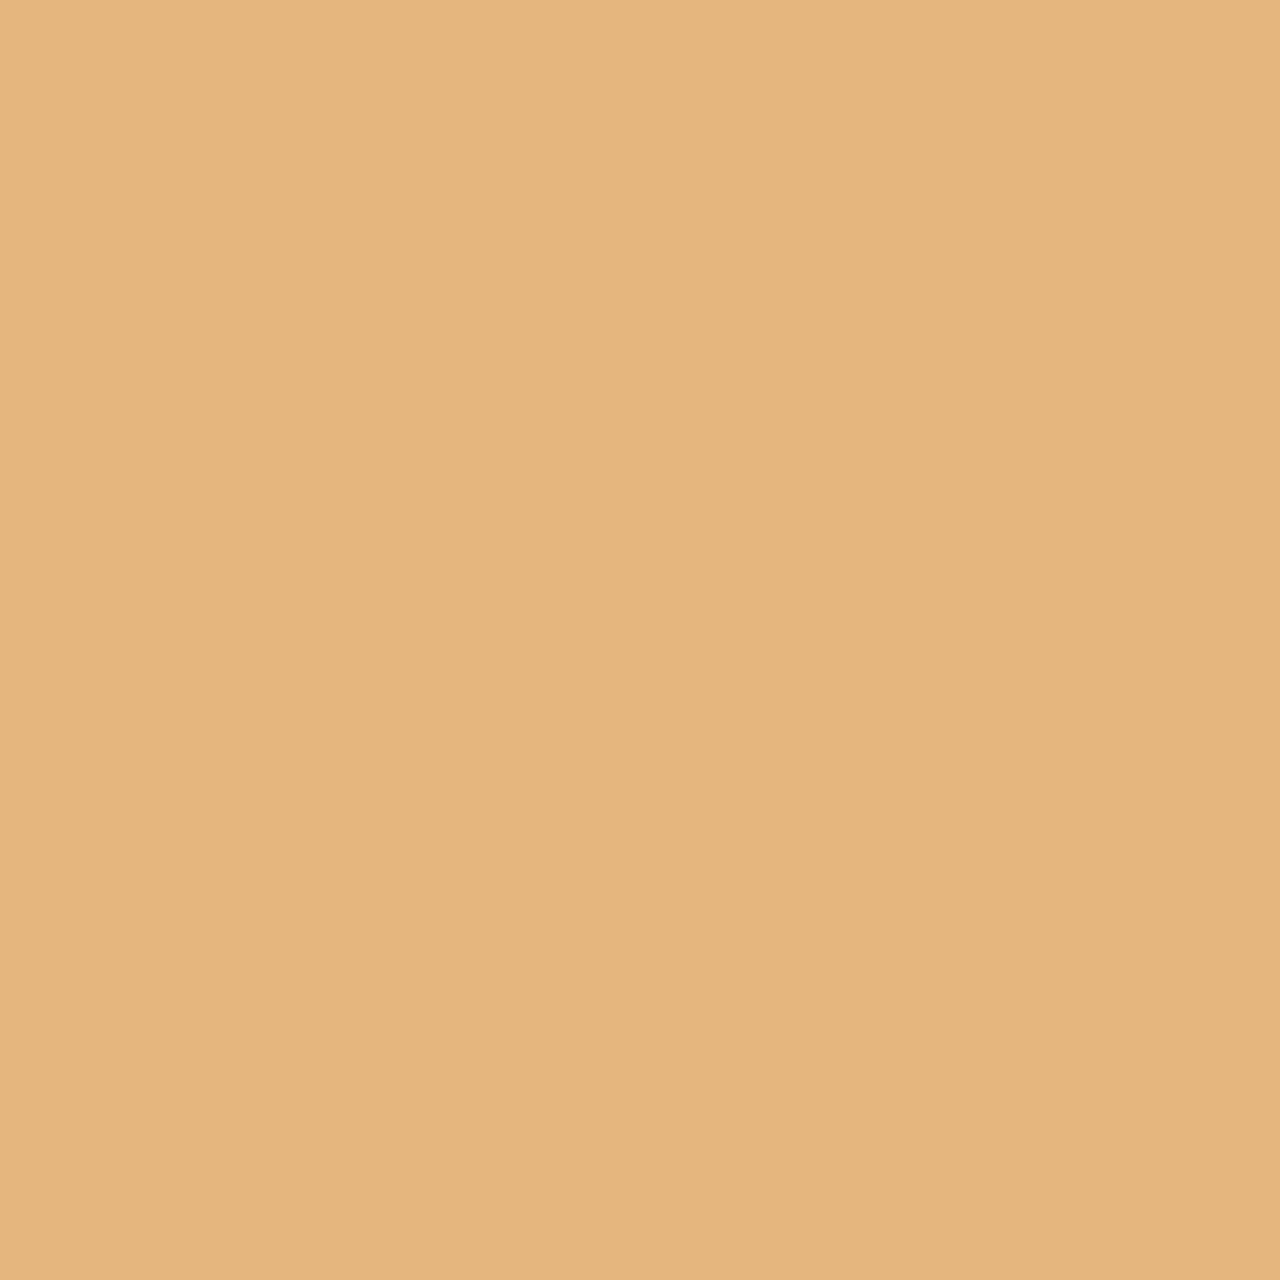 9051 Exclusiv